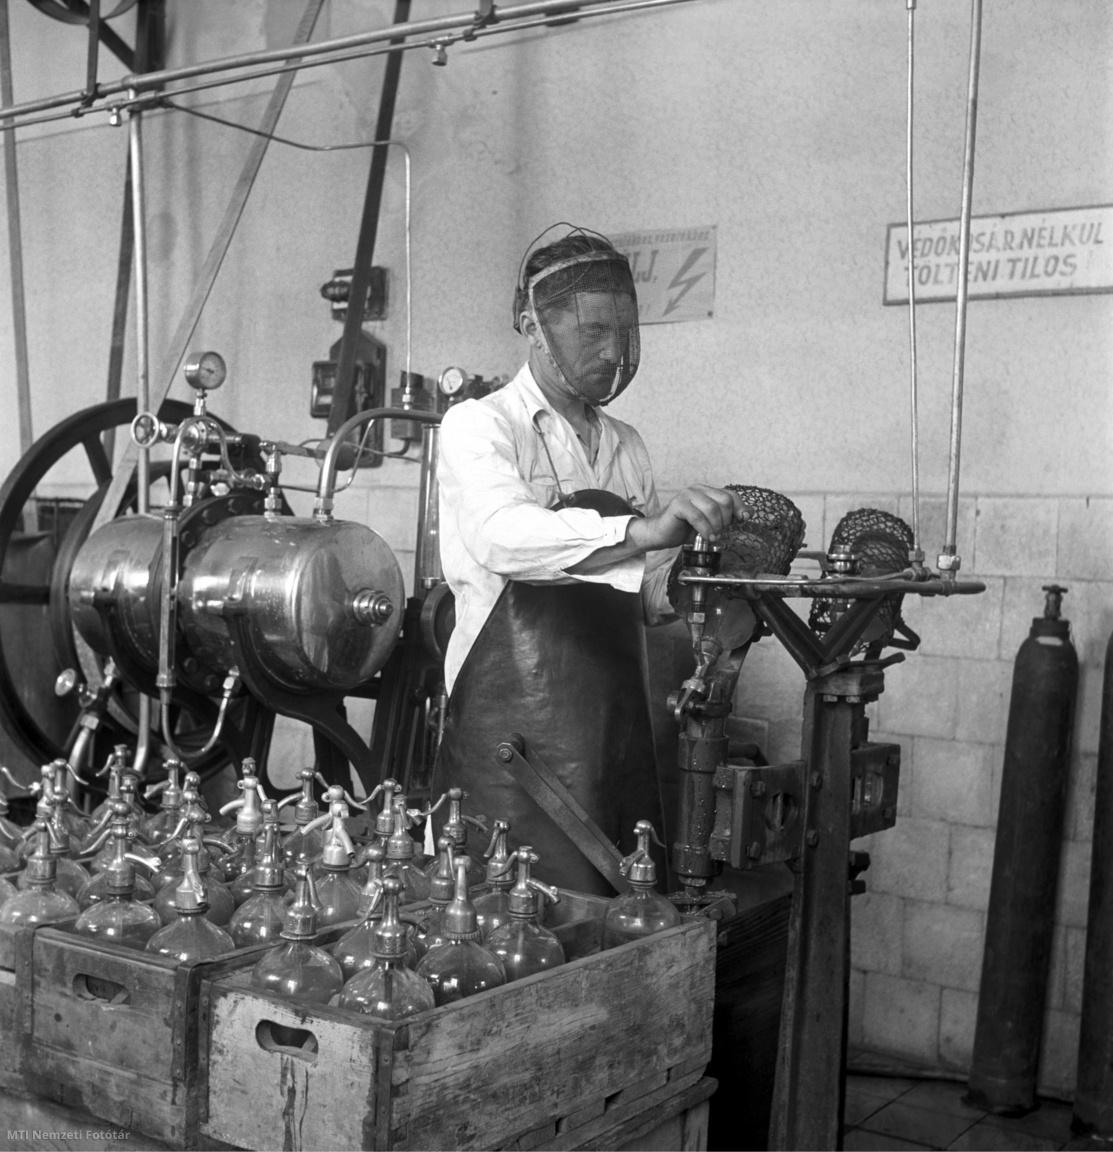 Bács-Kiskun megye, 1954. június 5. Gulyás János szódásüvegek töltését végzi egy Bács-Kiskun megyei földműves-szövetkezet szikvízüzemében. A felvétel készítésének pontos helyszíne ismeretlen